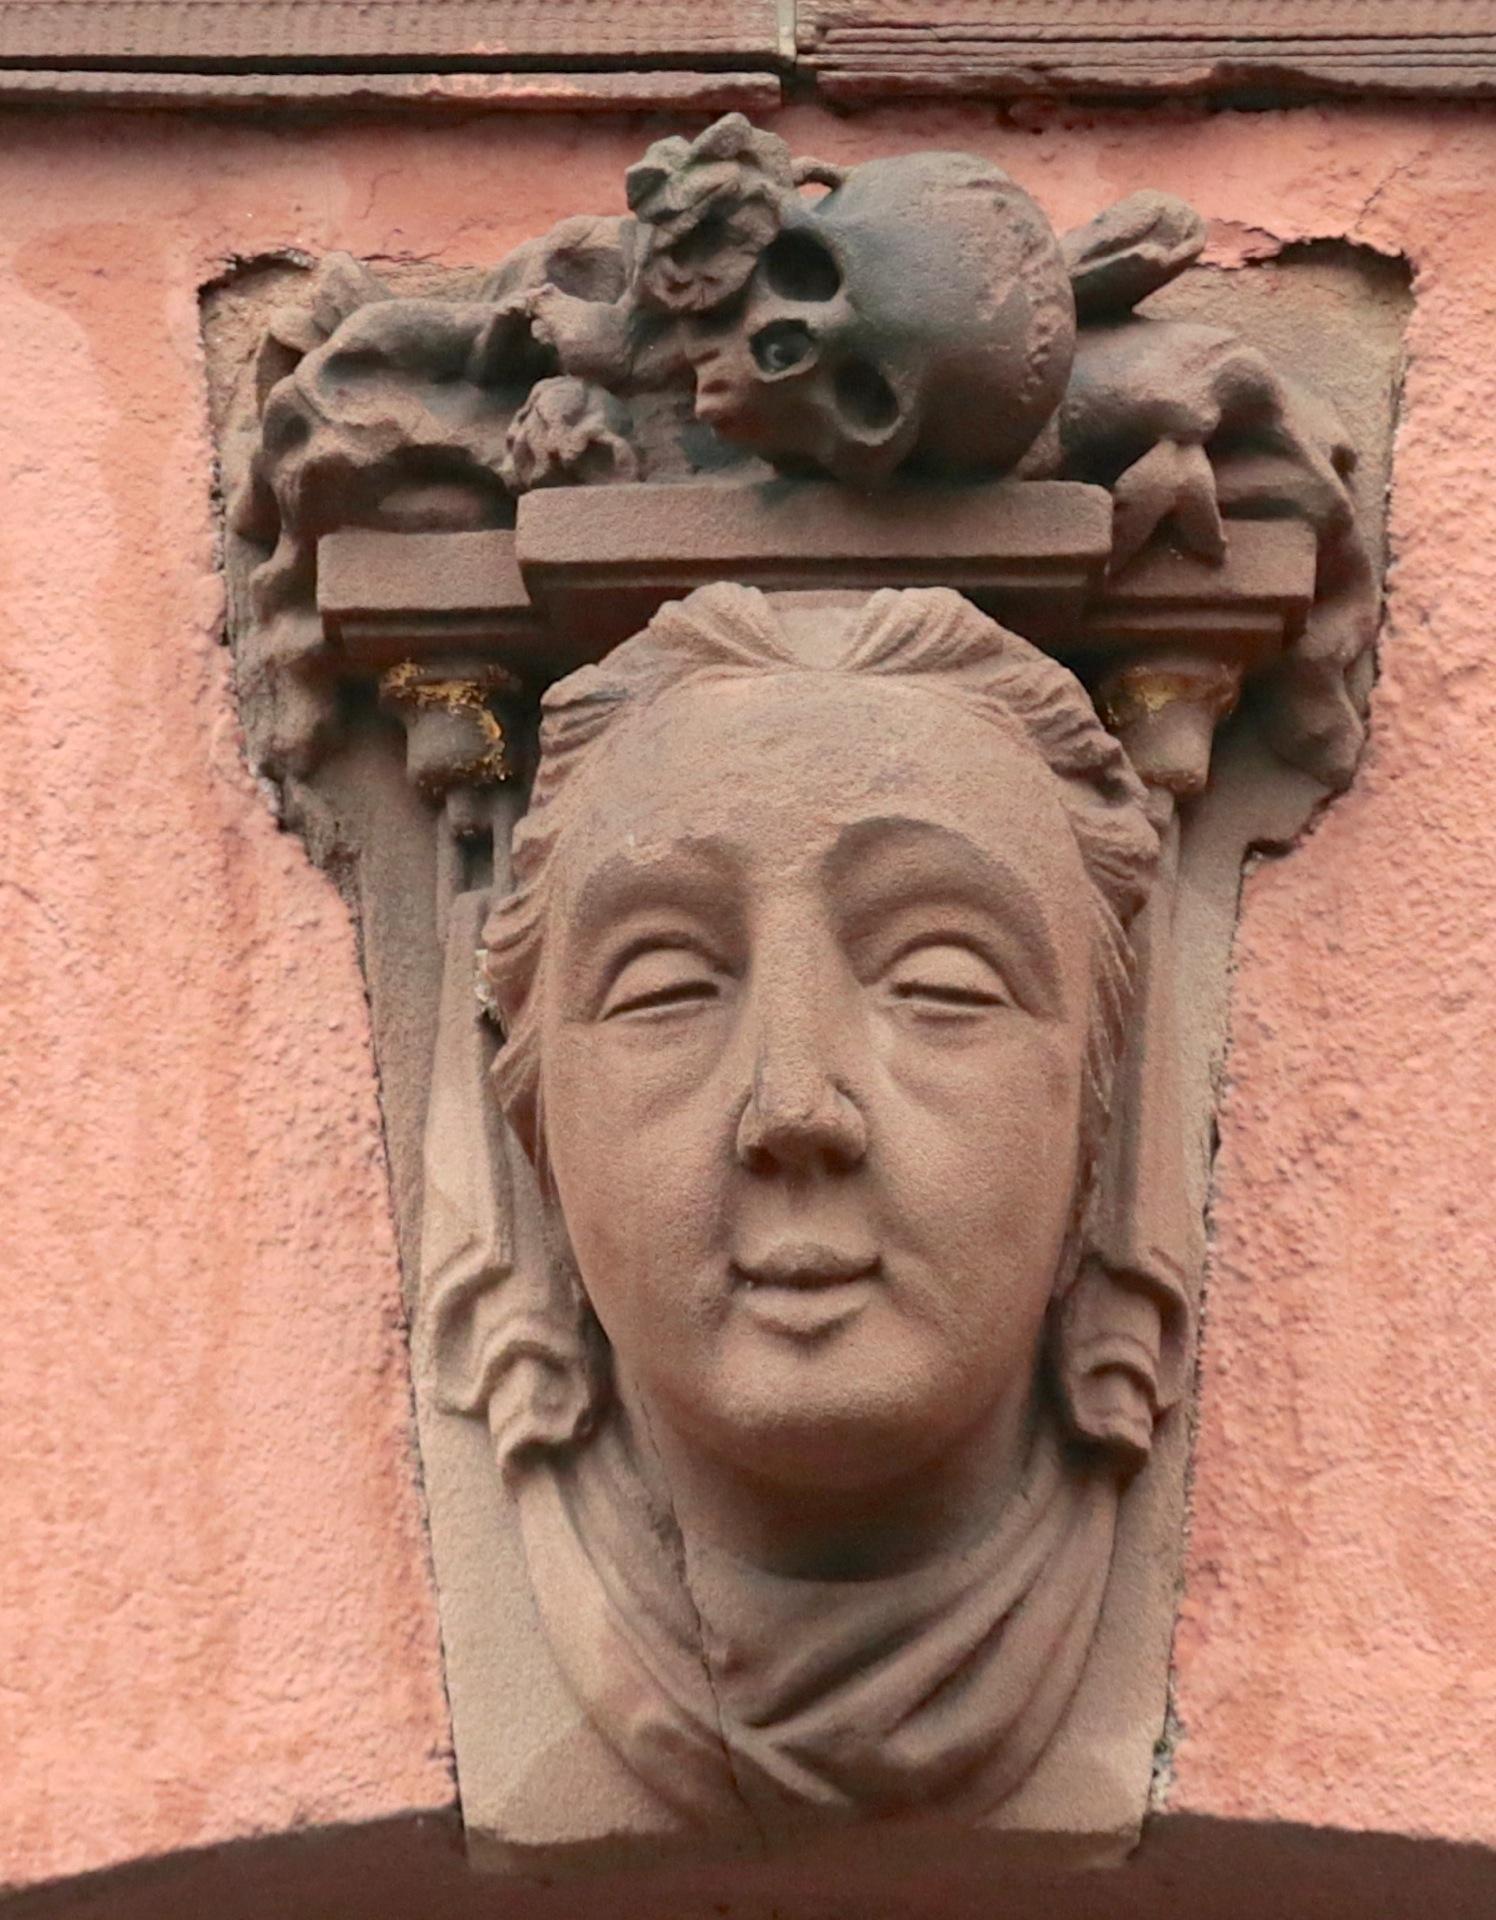 Proserpine (Terre), Bains municipaux, bd. de la Victoire